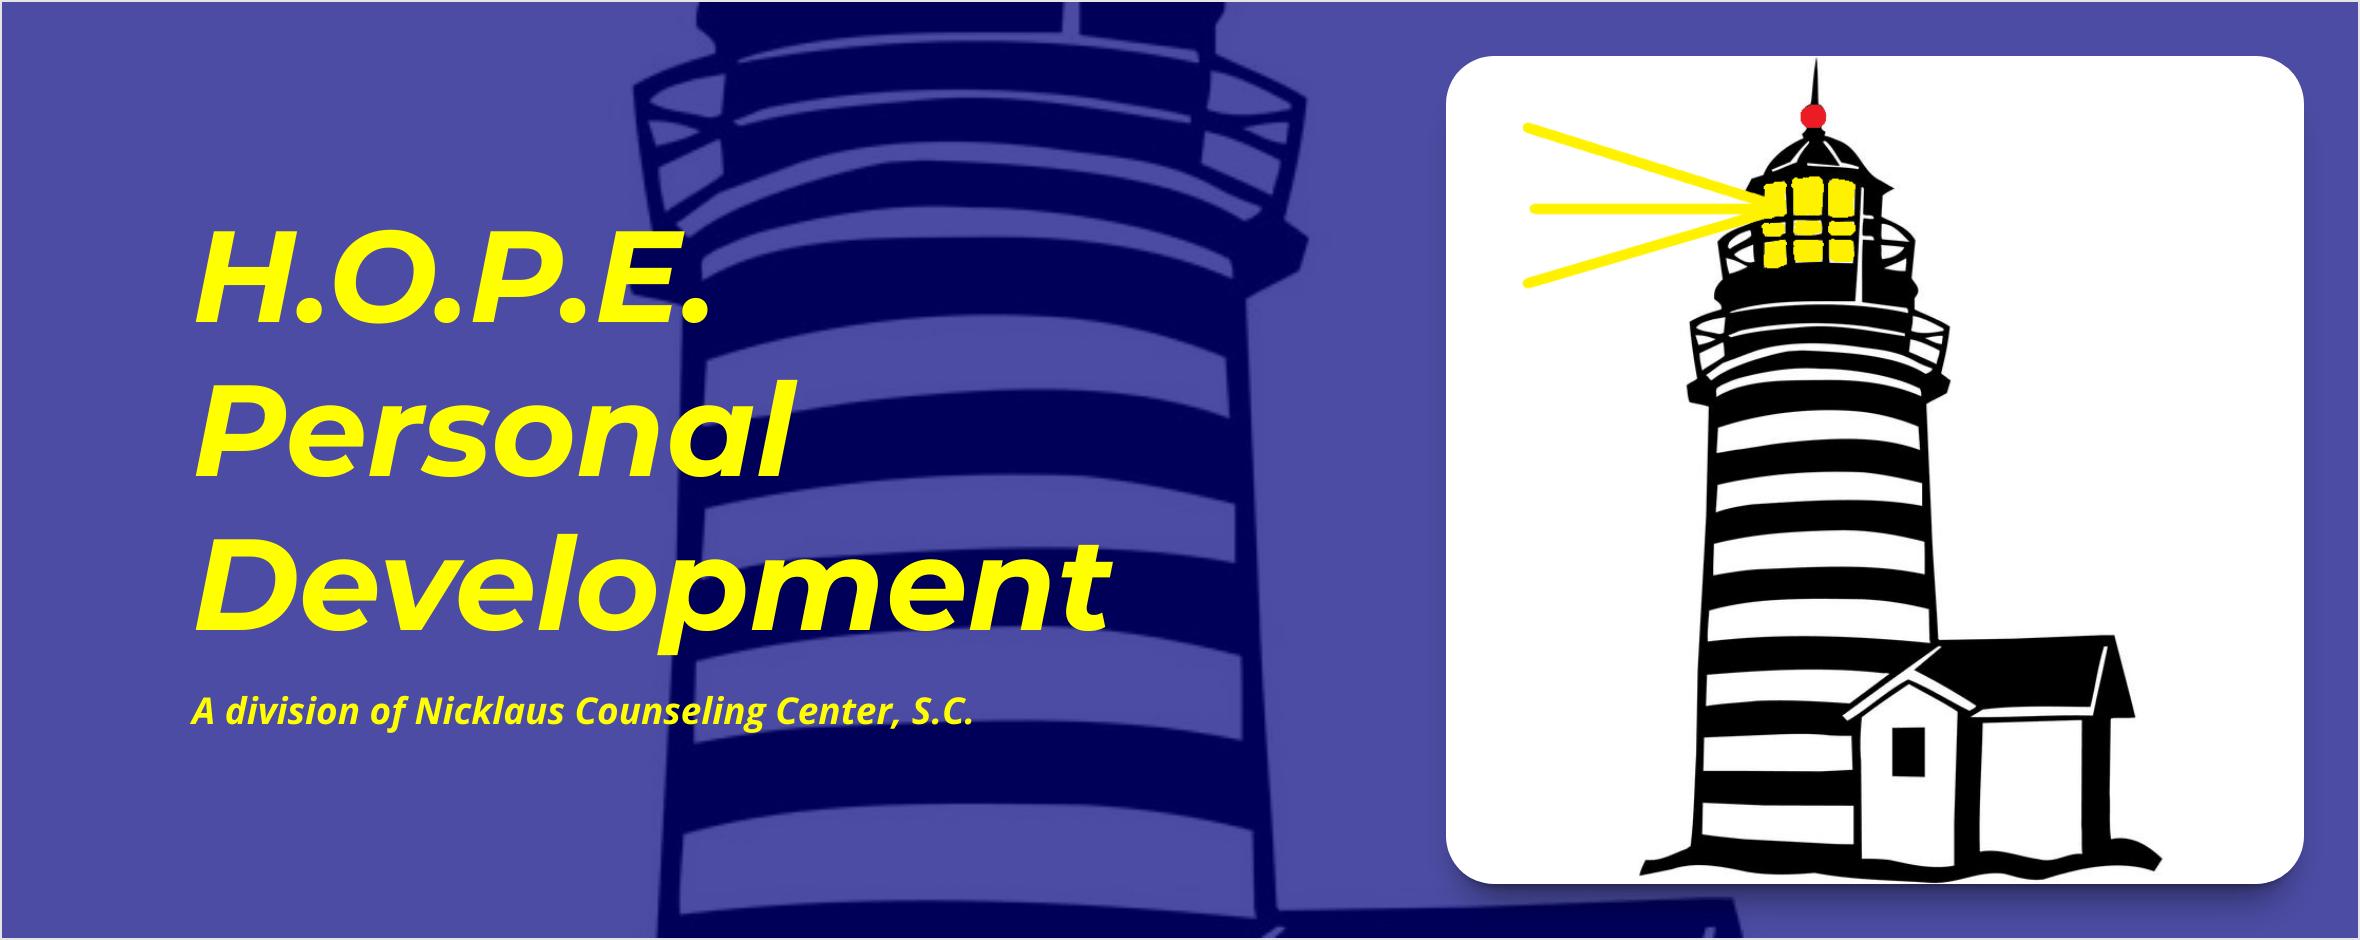 H.O.P.E. Personal Development